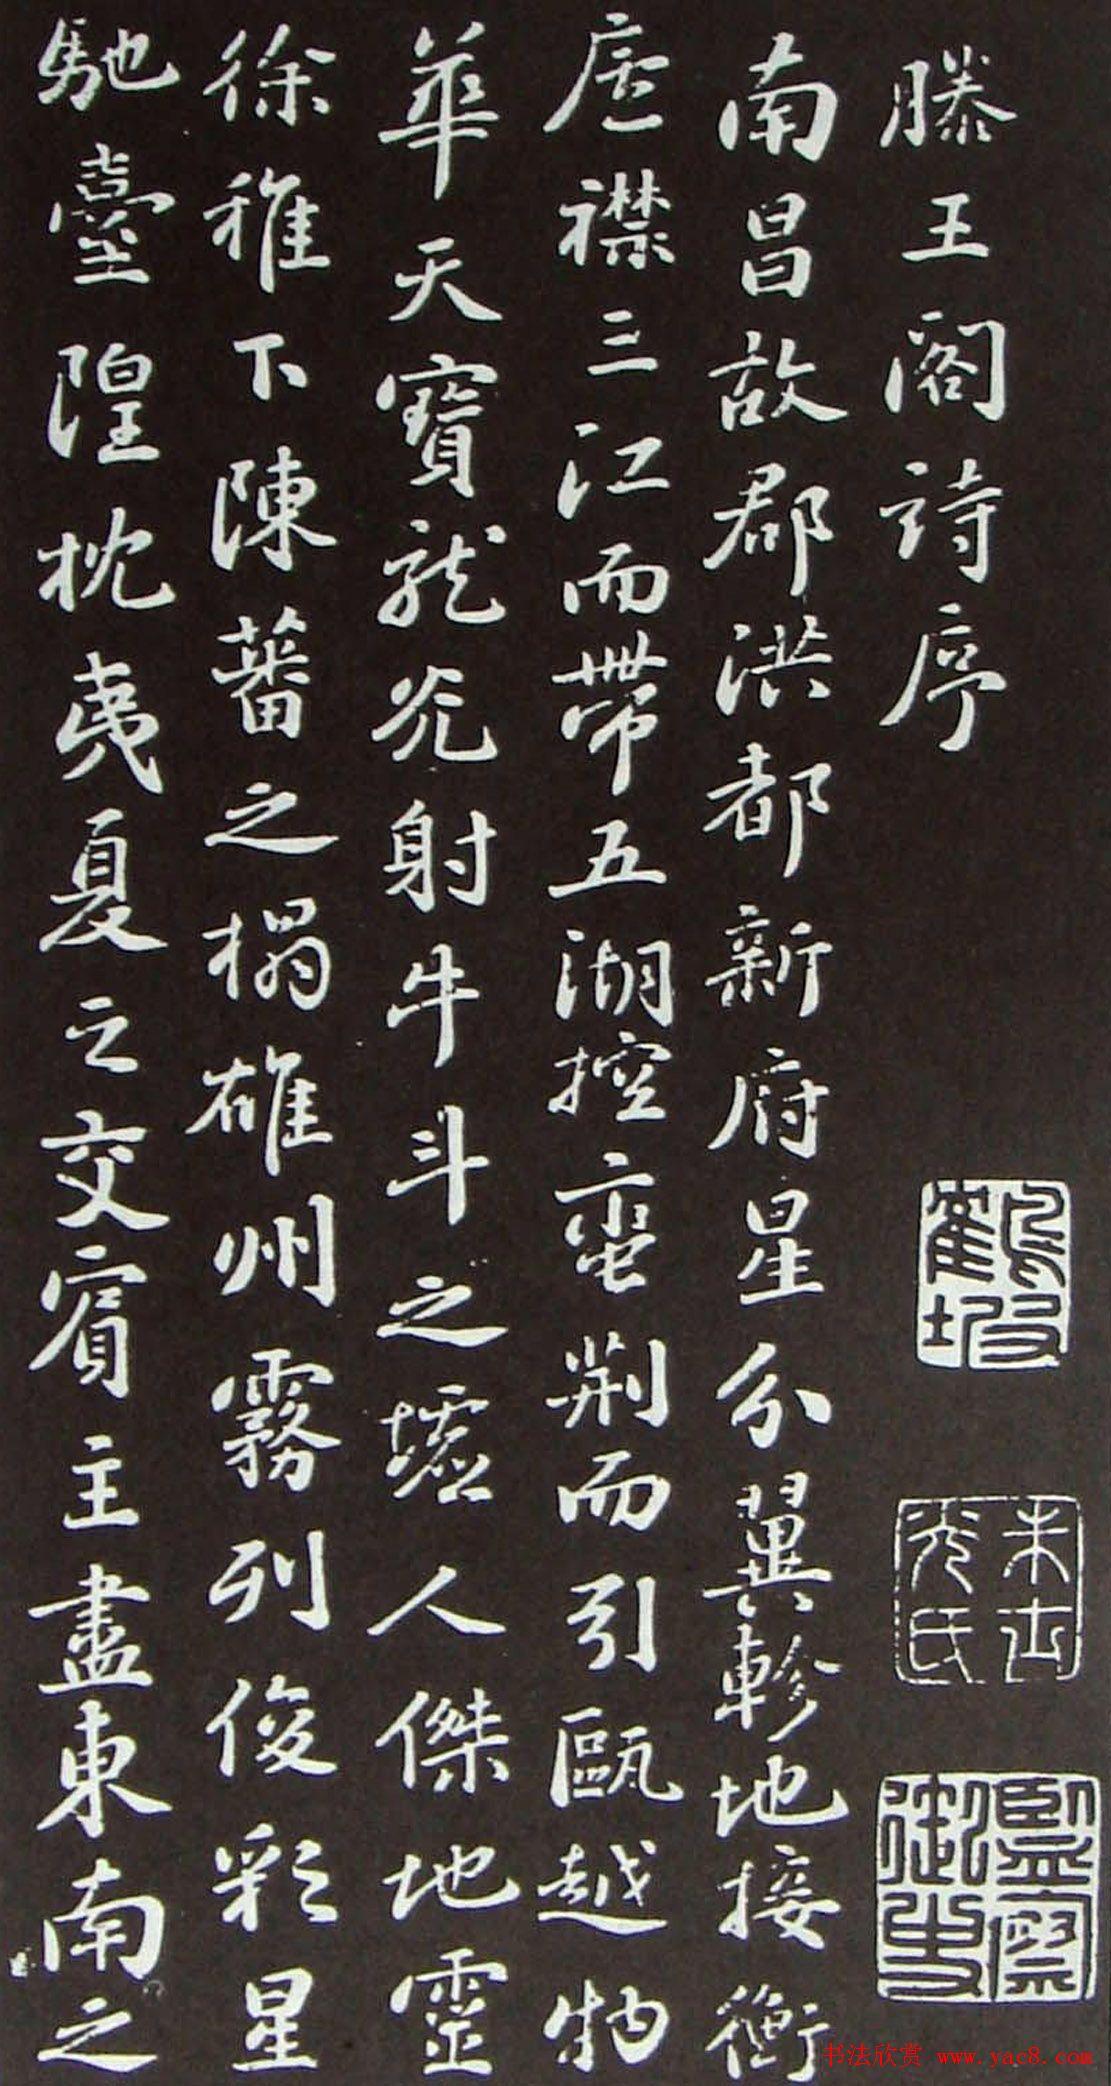 苏轼书法欣赏《滕王阁序》